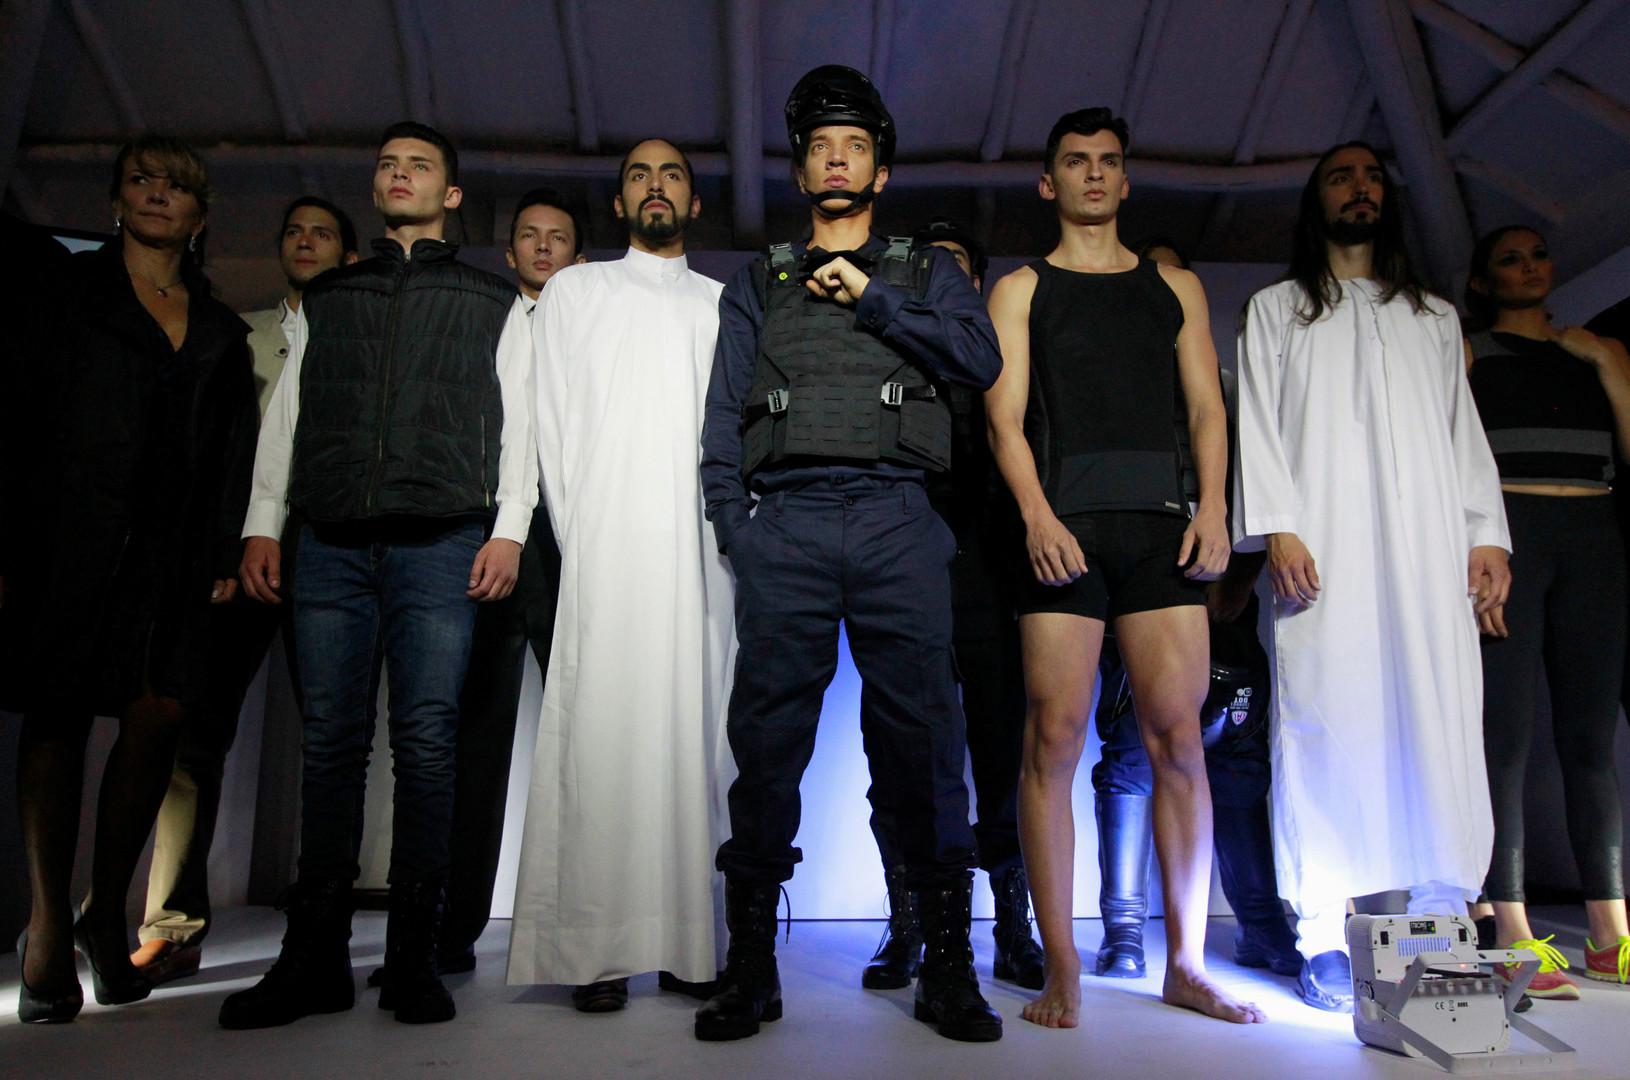 Защита в стиле fashion: в США всё популярнее становится пуленепробиваемая одежда